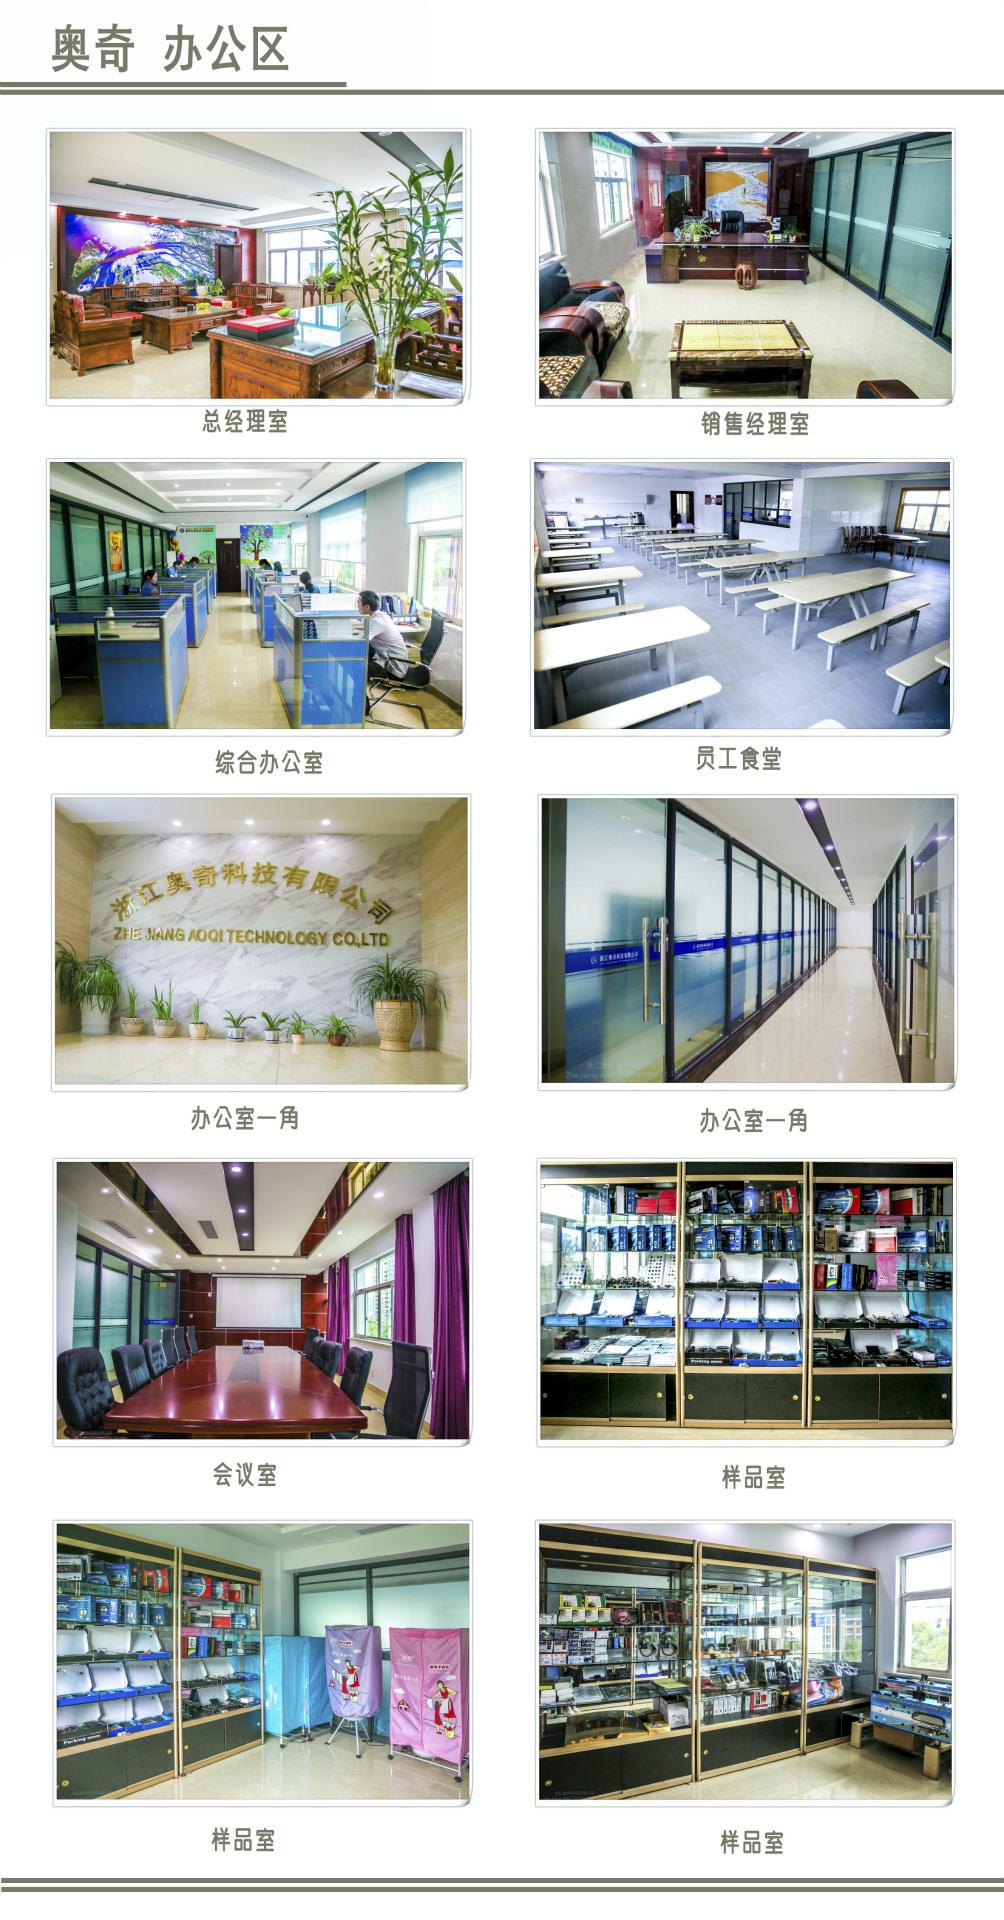 企业简介-办公室++小图片